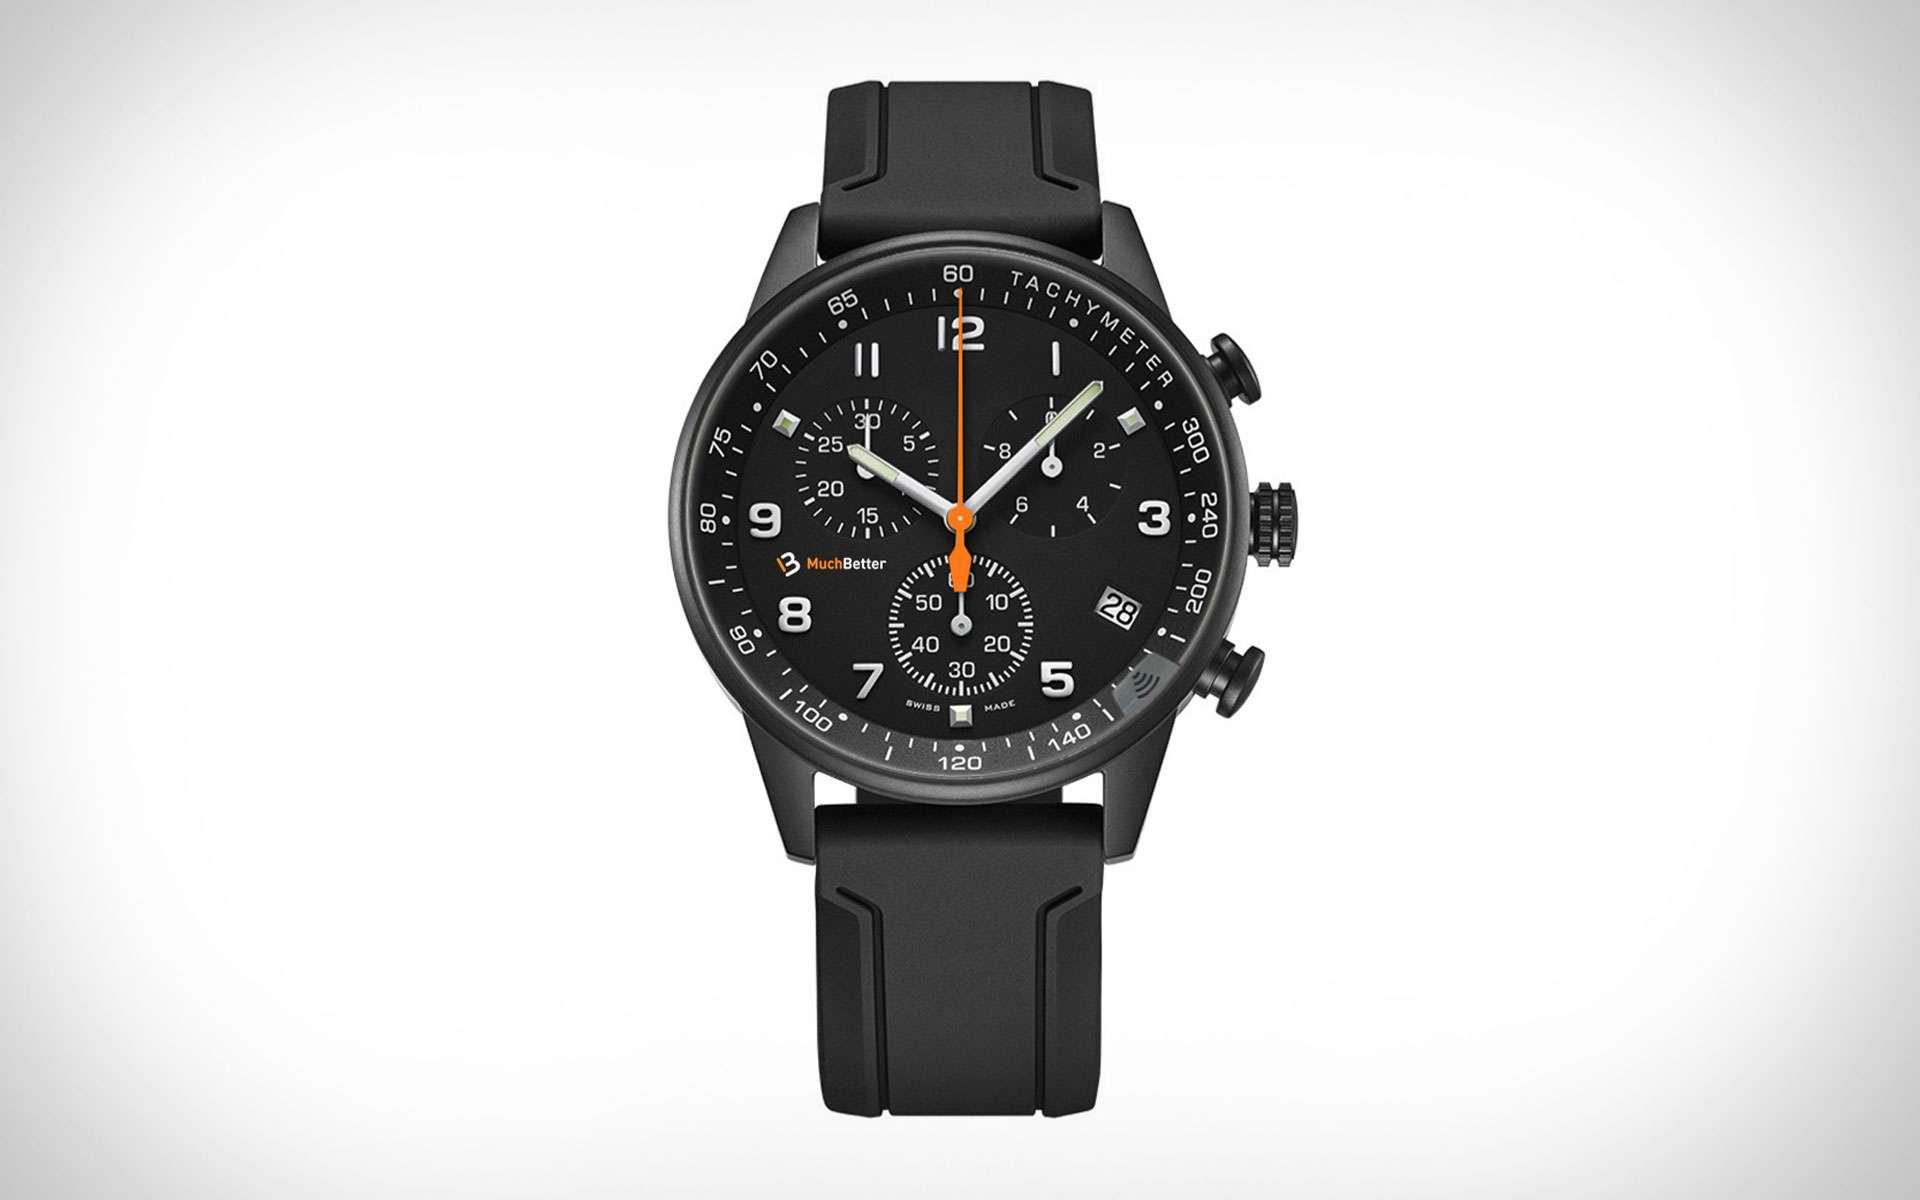 L'avantage d'intégrer un verre équipé d'une puce NFC, c'est que la montre devient connectée sans avoir les inconvénients d'une « smart watch » qui nécessite d'être rechargée. © Winwatch